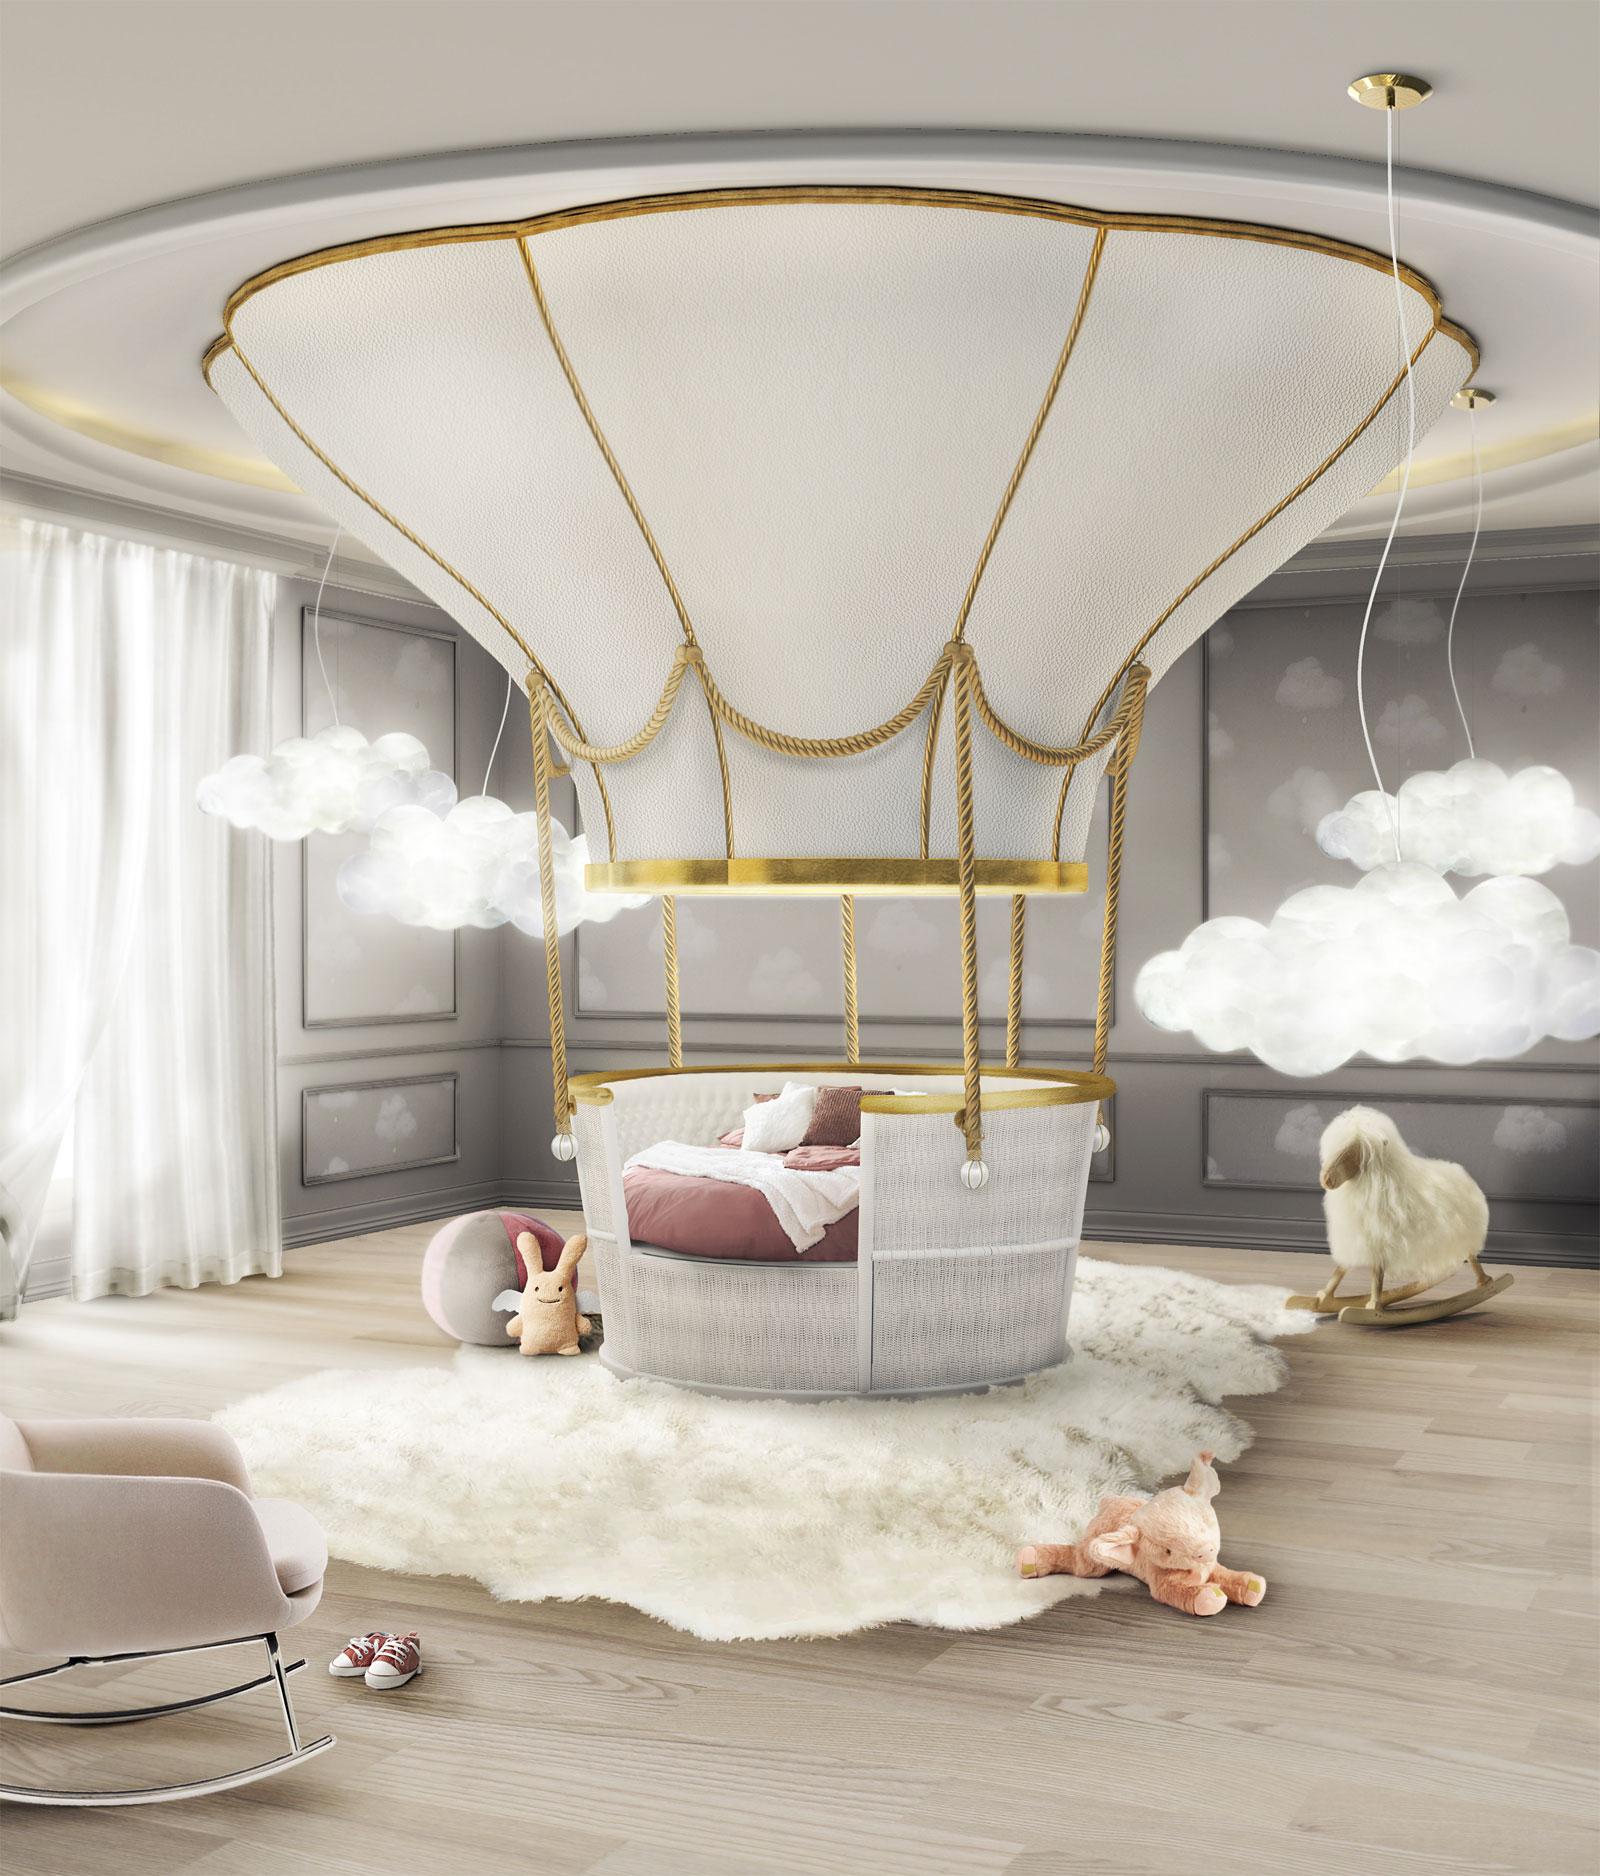 Fantasy Air Balloon bed and sofa